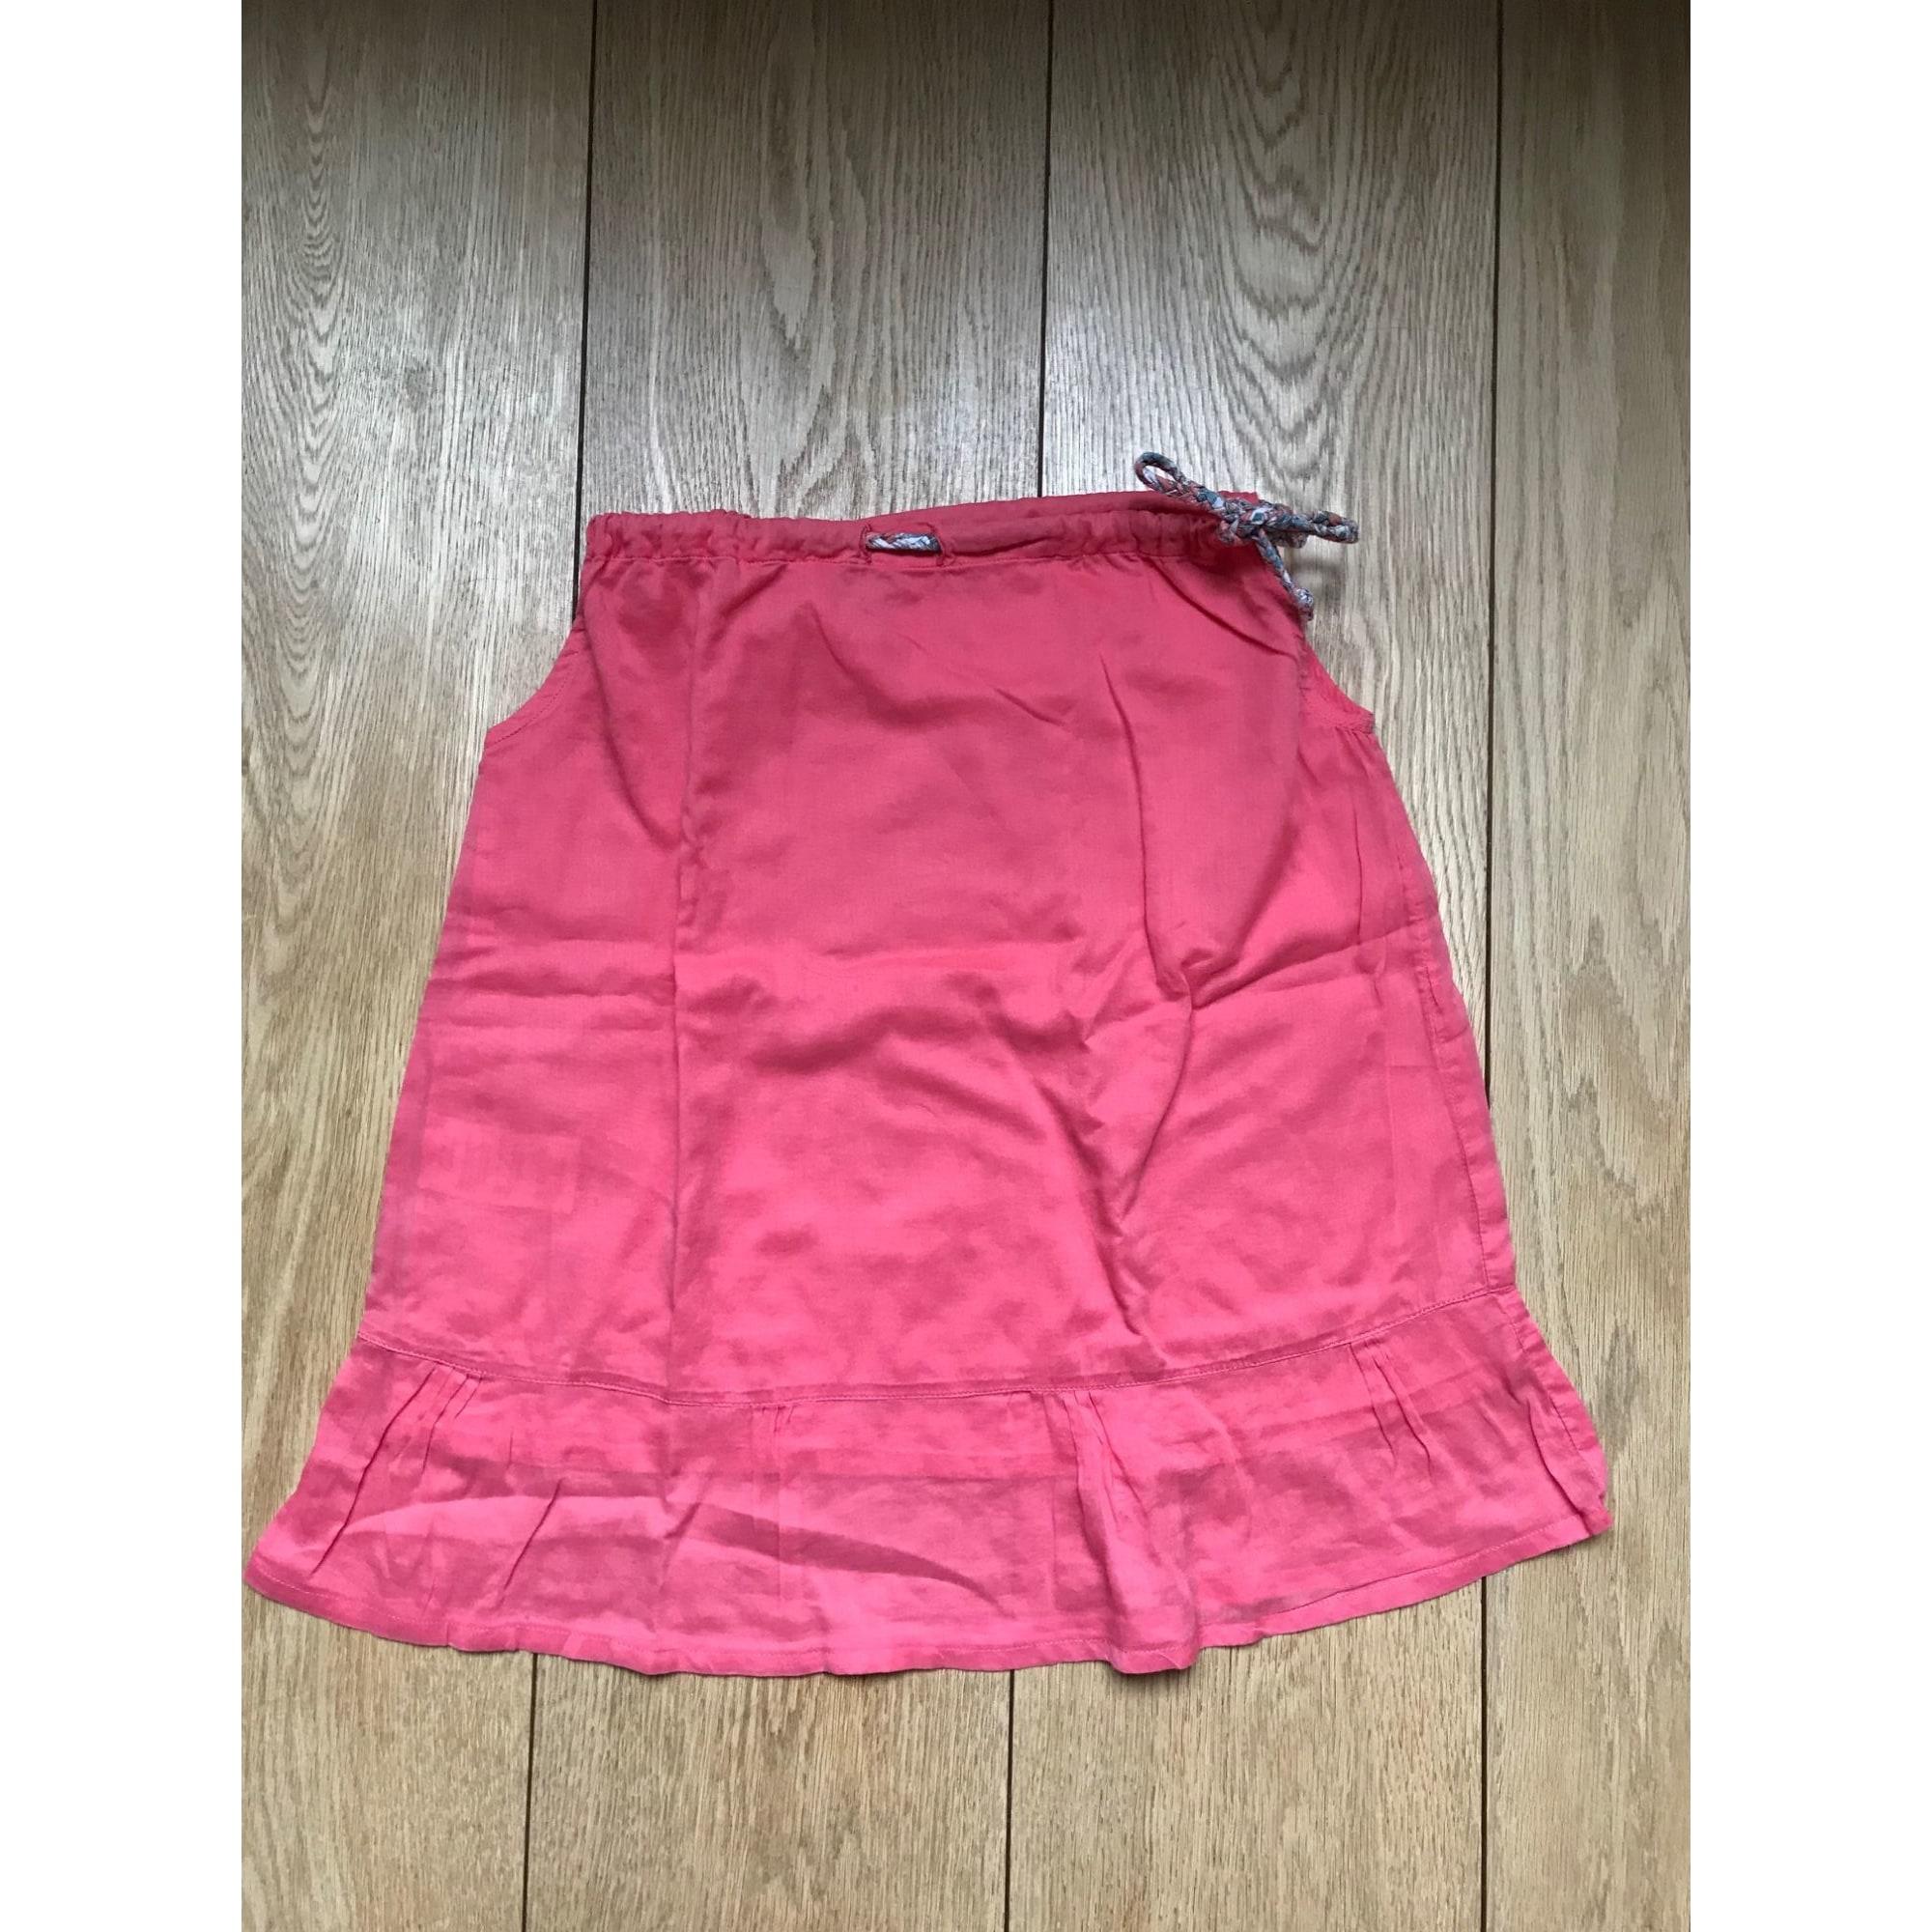 Robe C DE C BY CORDELIA DE CASTELLANE coton rose 3-4 ans